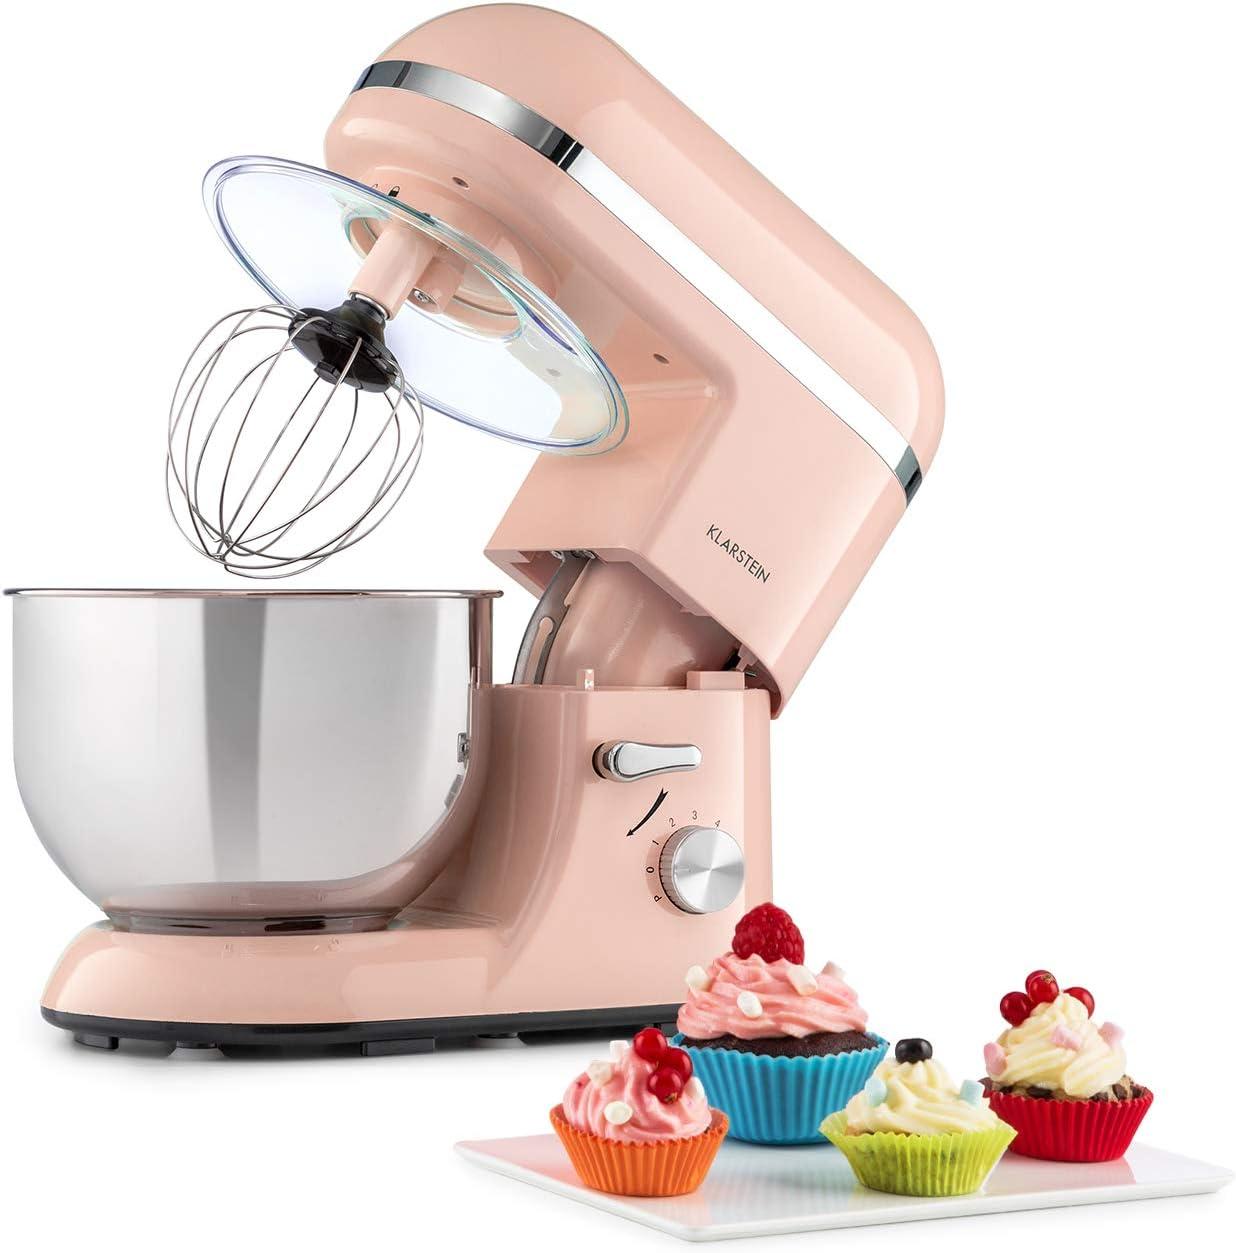 Klarstein Bella Elegance - Robot de cocina, Potencia 1300W/1,7PS, 6 niveles, Función pulso, Sistema de amasado planetario, 5 L, Cuenco acero inoxidable, Inclinación, Bloqueo de seguridad, Rosa